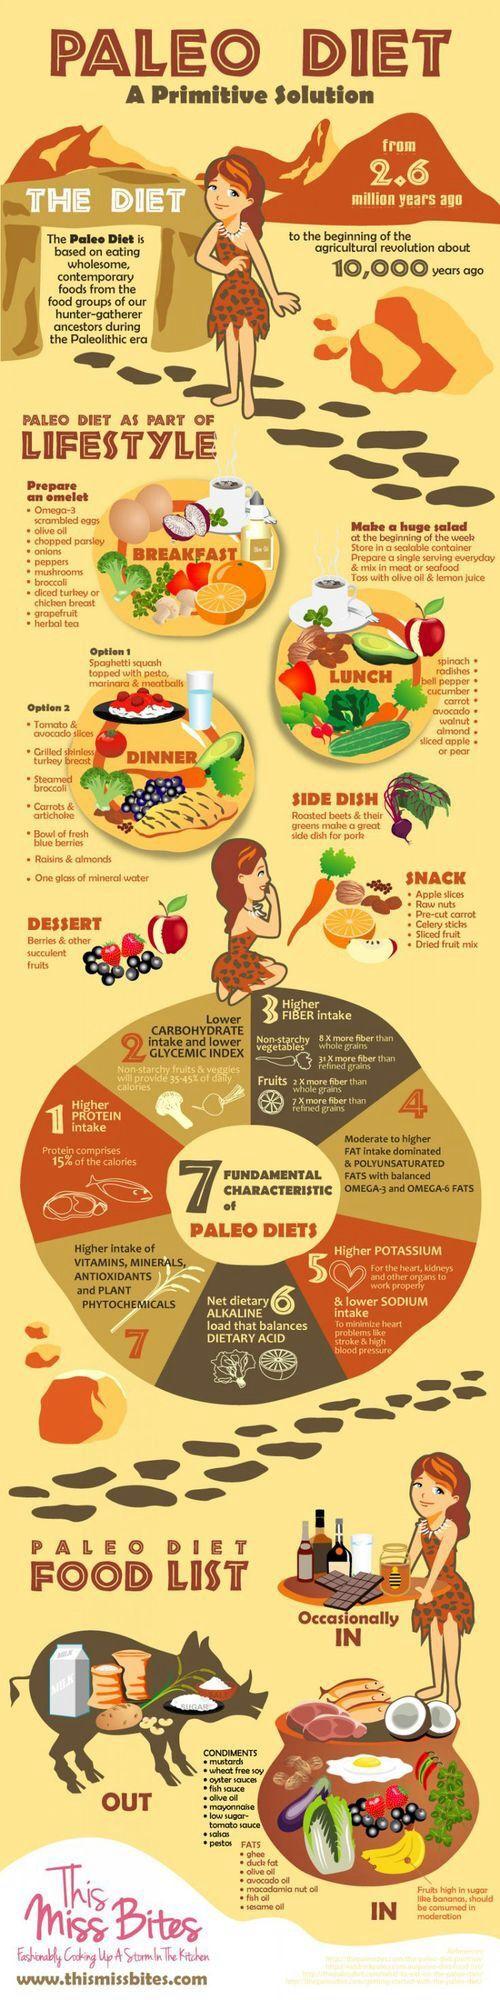 Paelo-diet